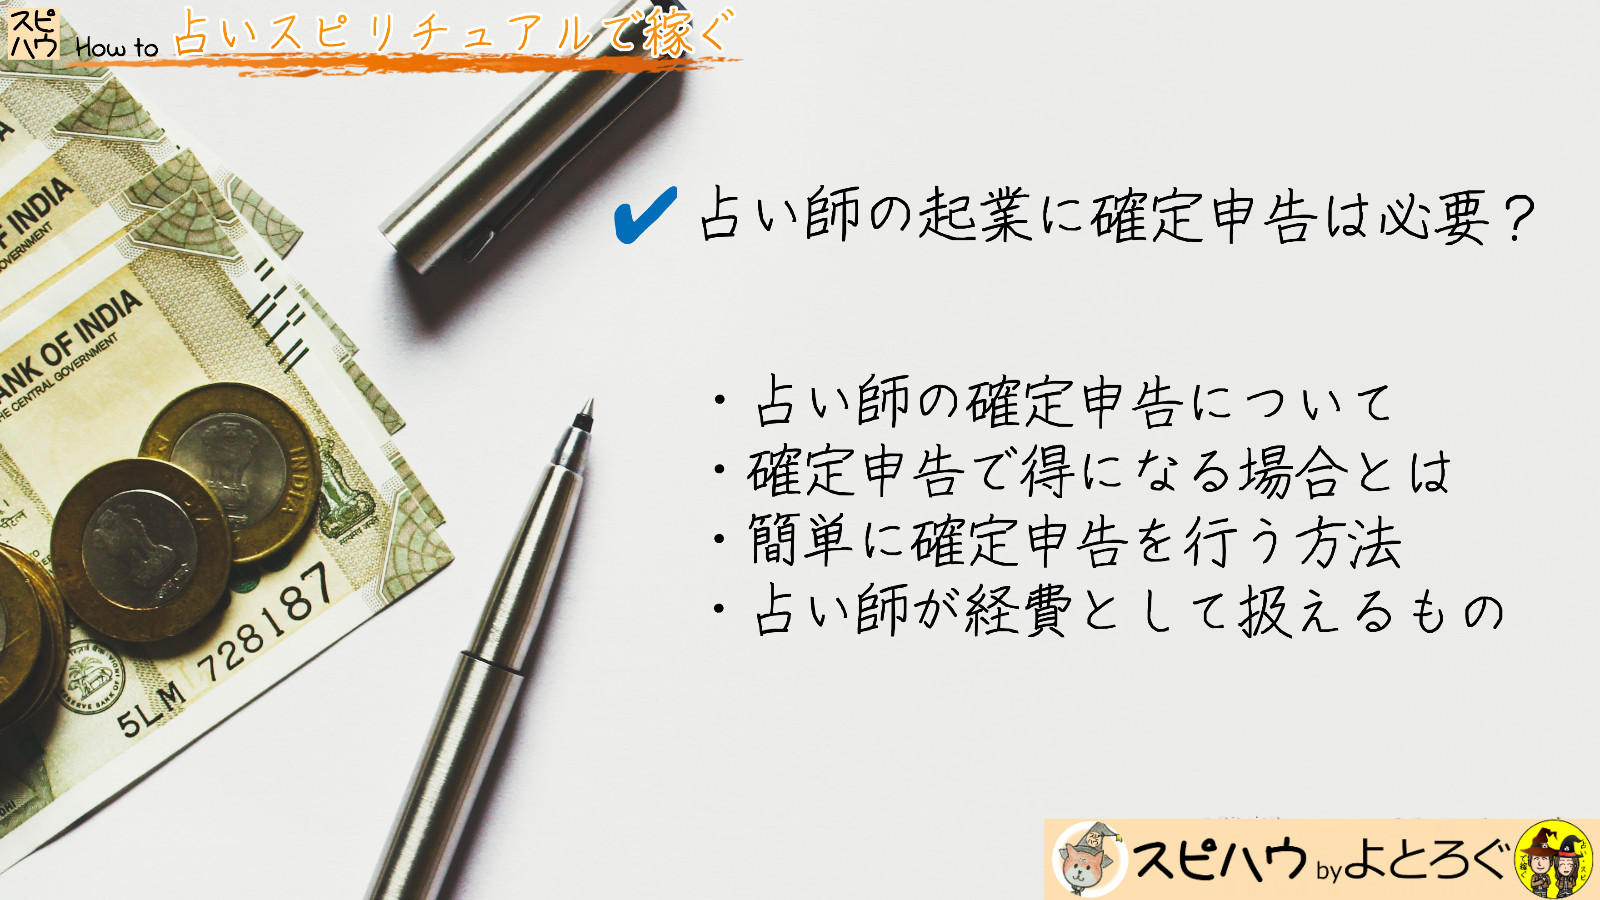 占い師の起業に確定申告は必要?簡単に確定申告する方法のアイキャッチ画像